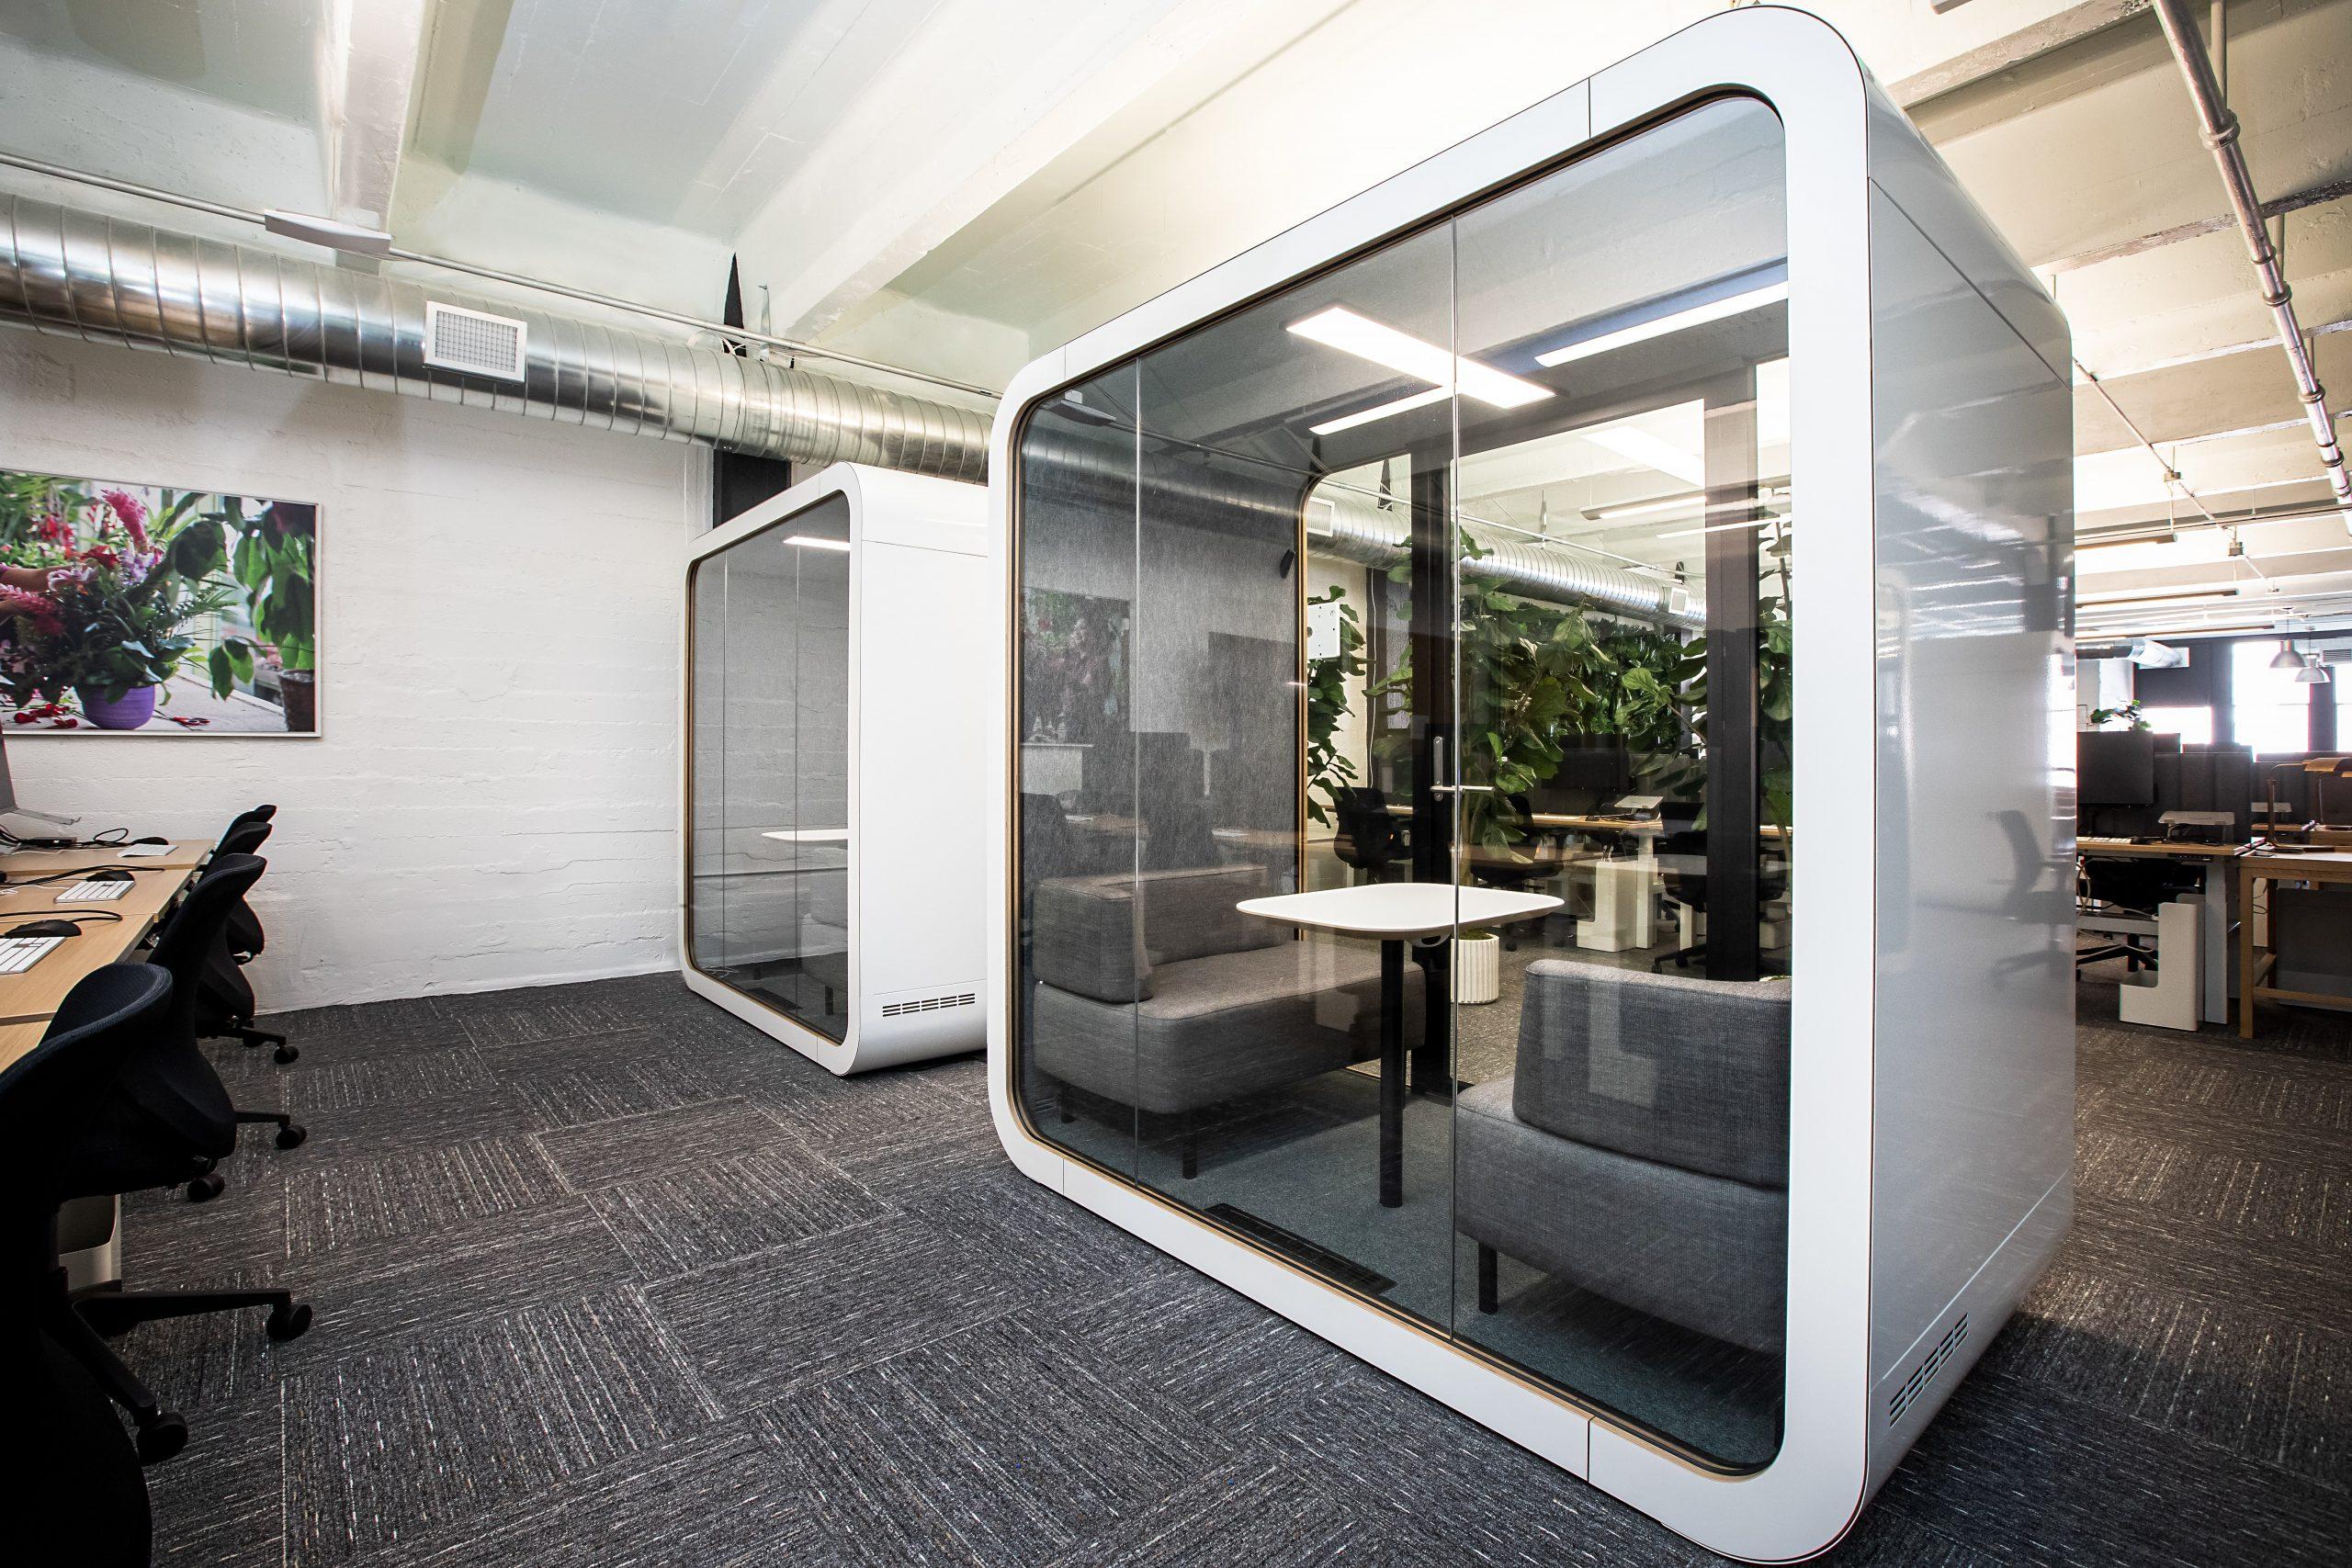 uneebo-office-design-yNtCxu4kJXk-unsplash